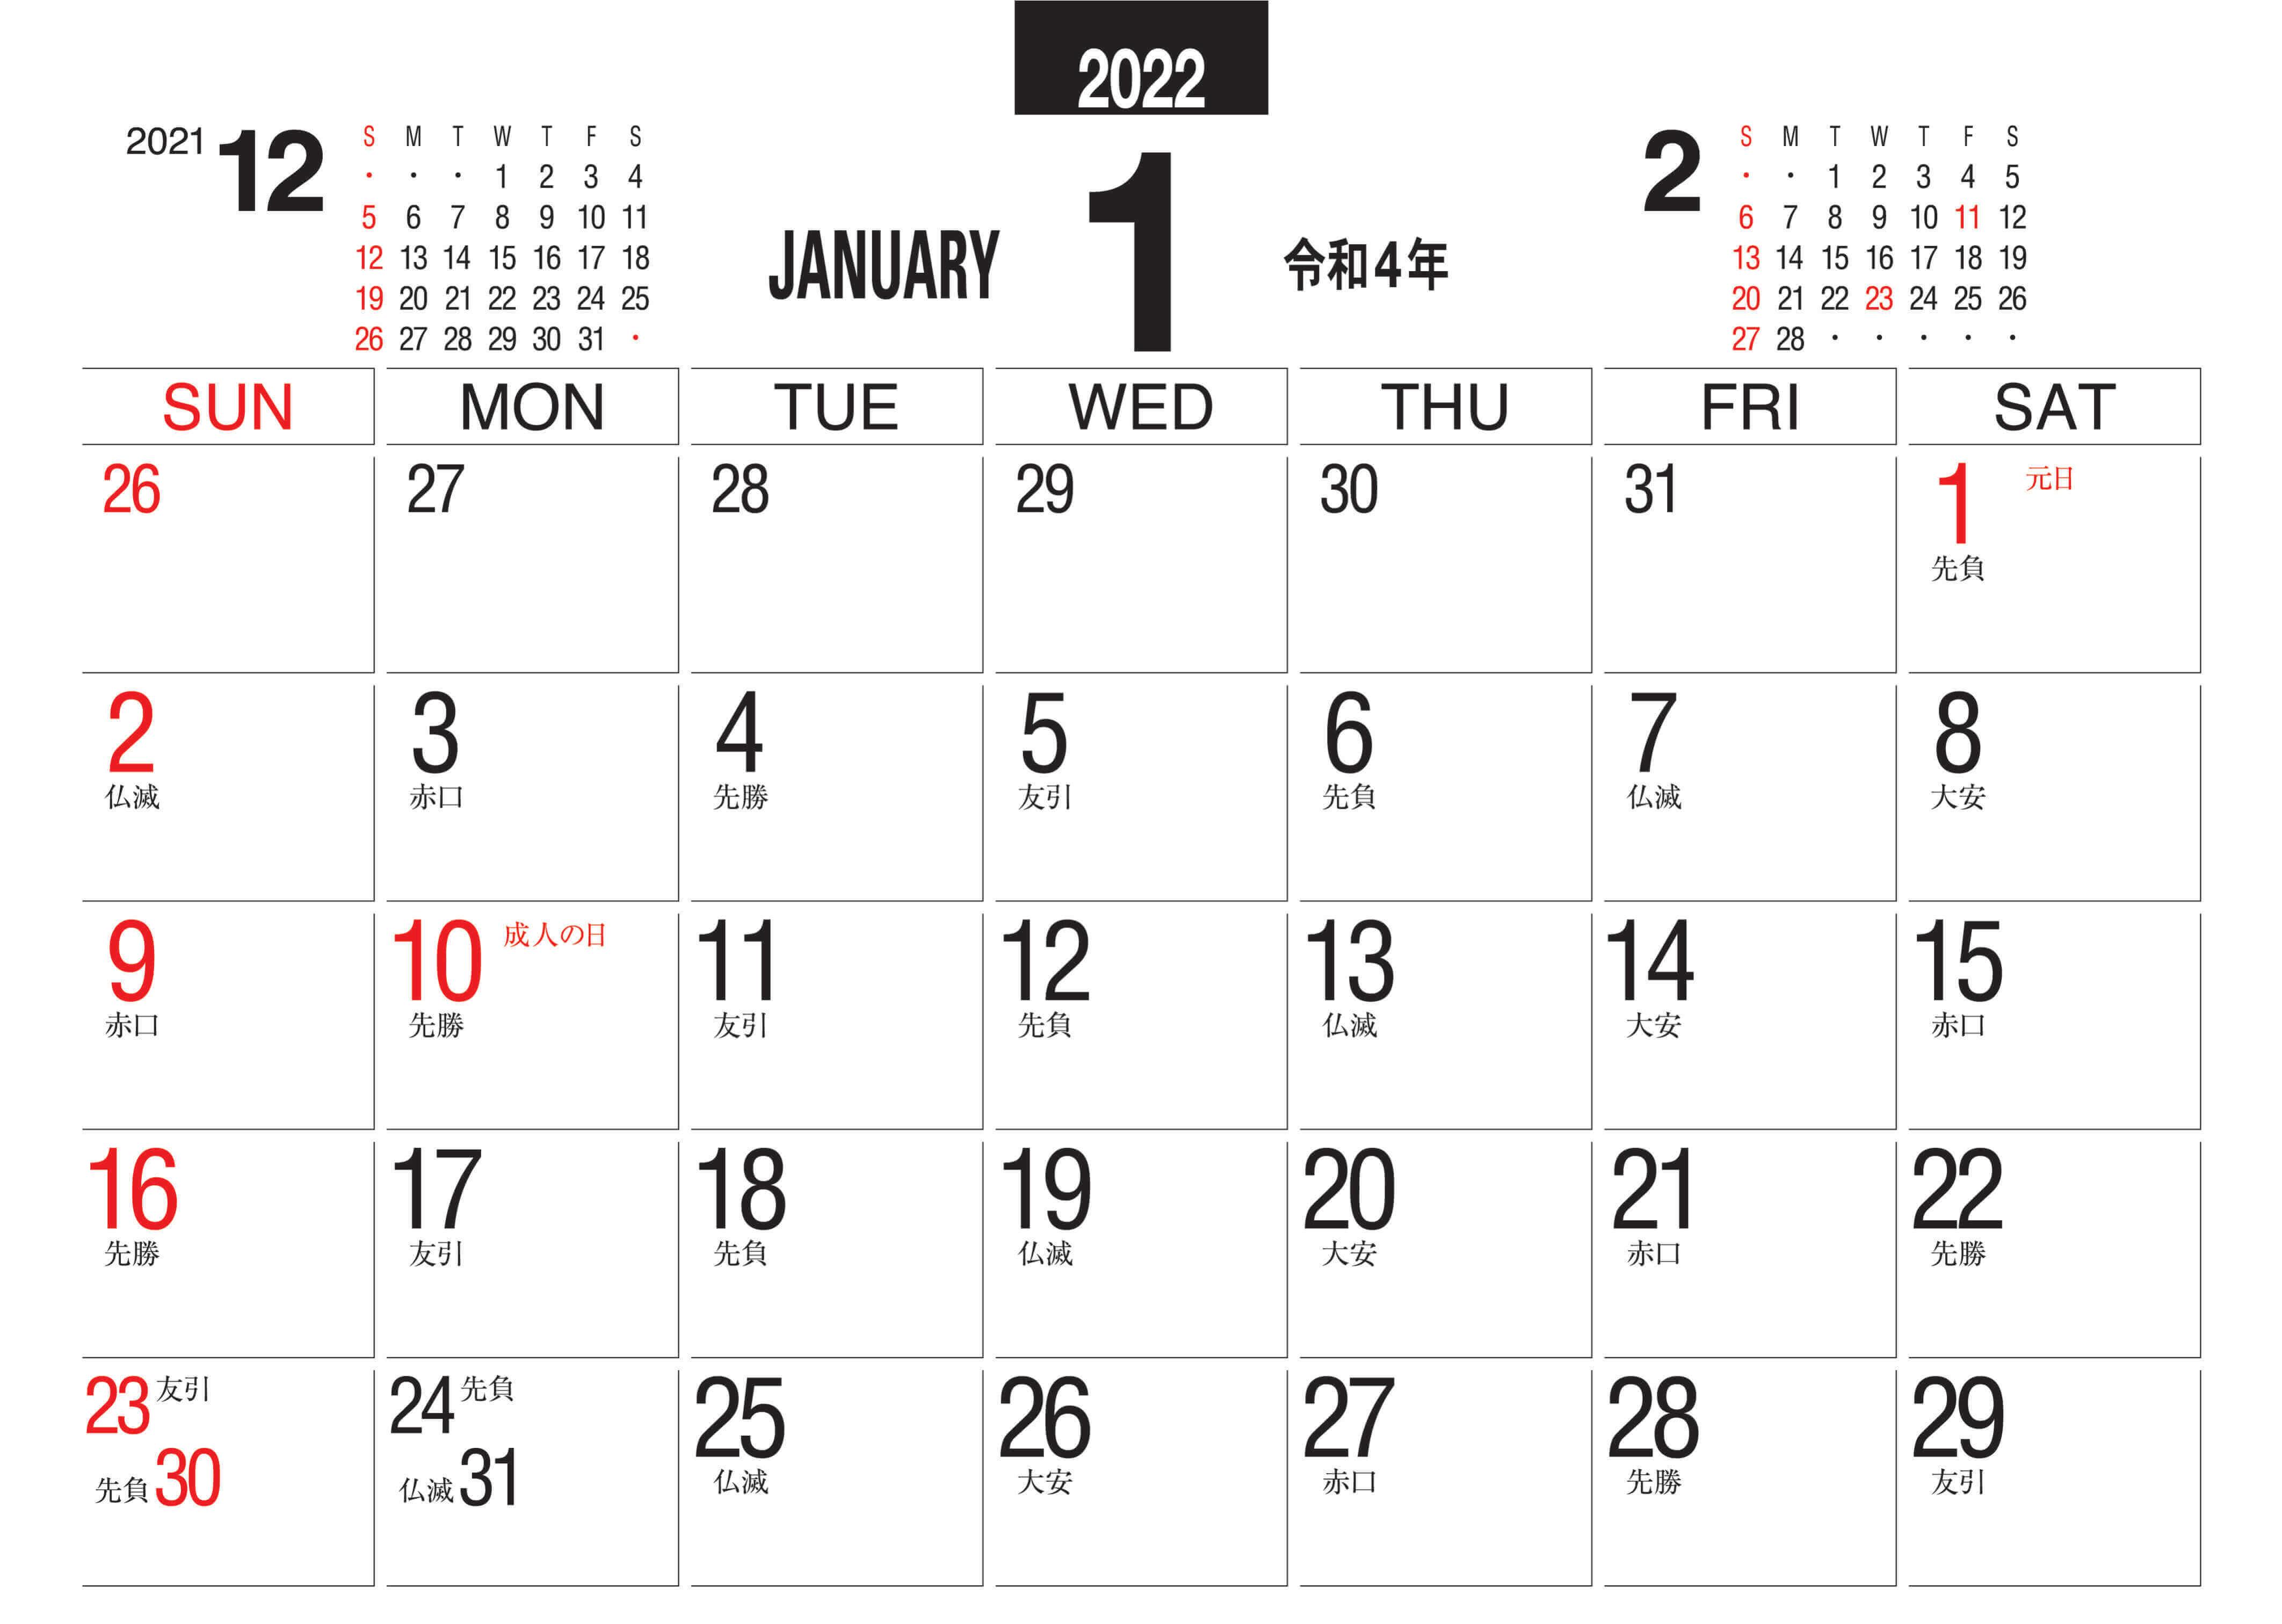 デスクスタンド・文字 2022年カレンダーの画像